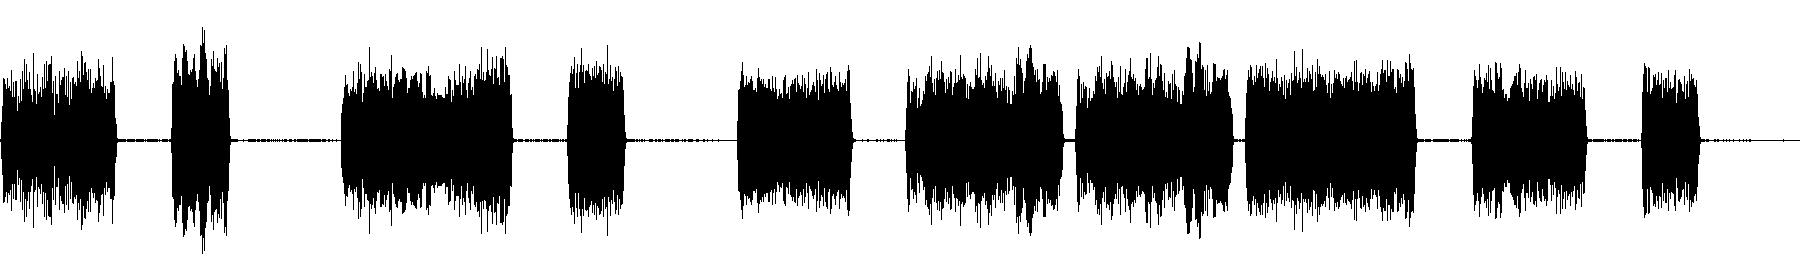 ehp synloop 127 1990s a